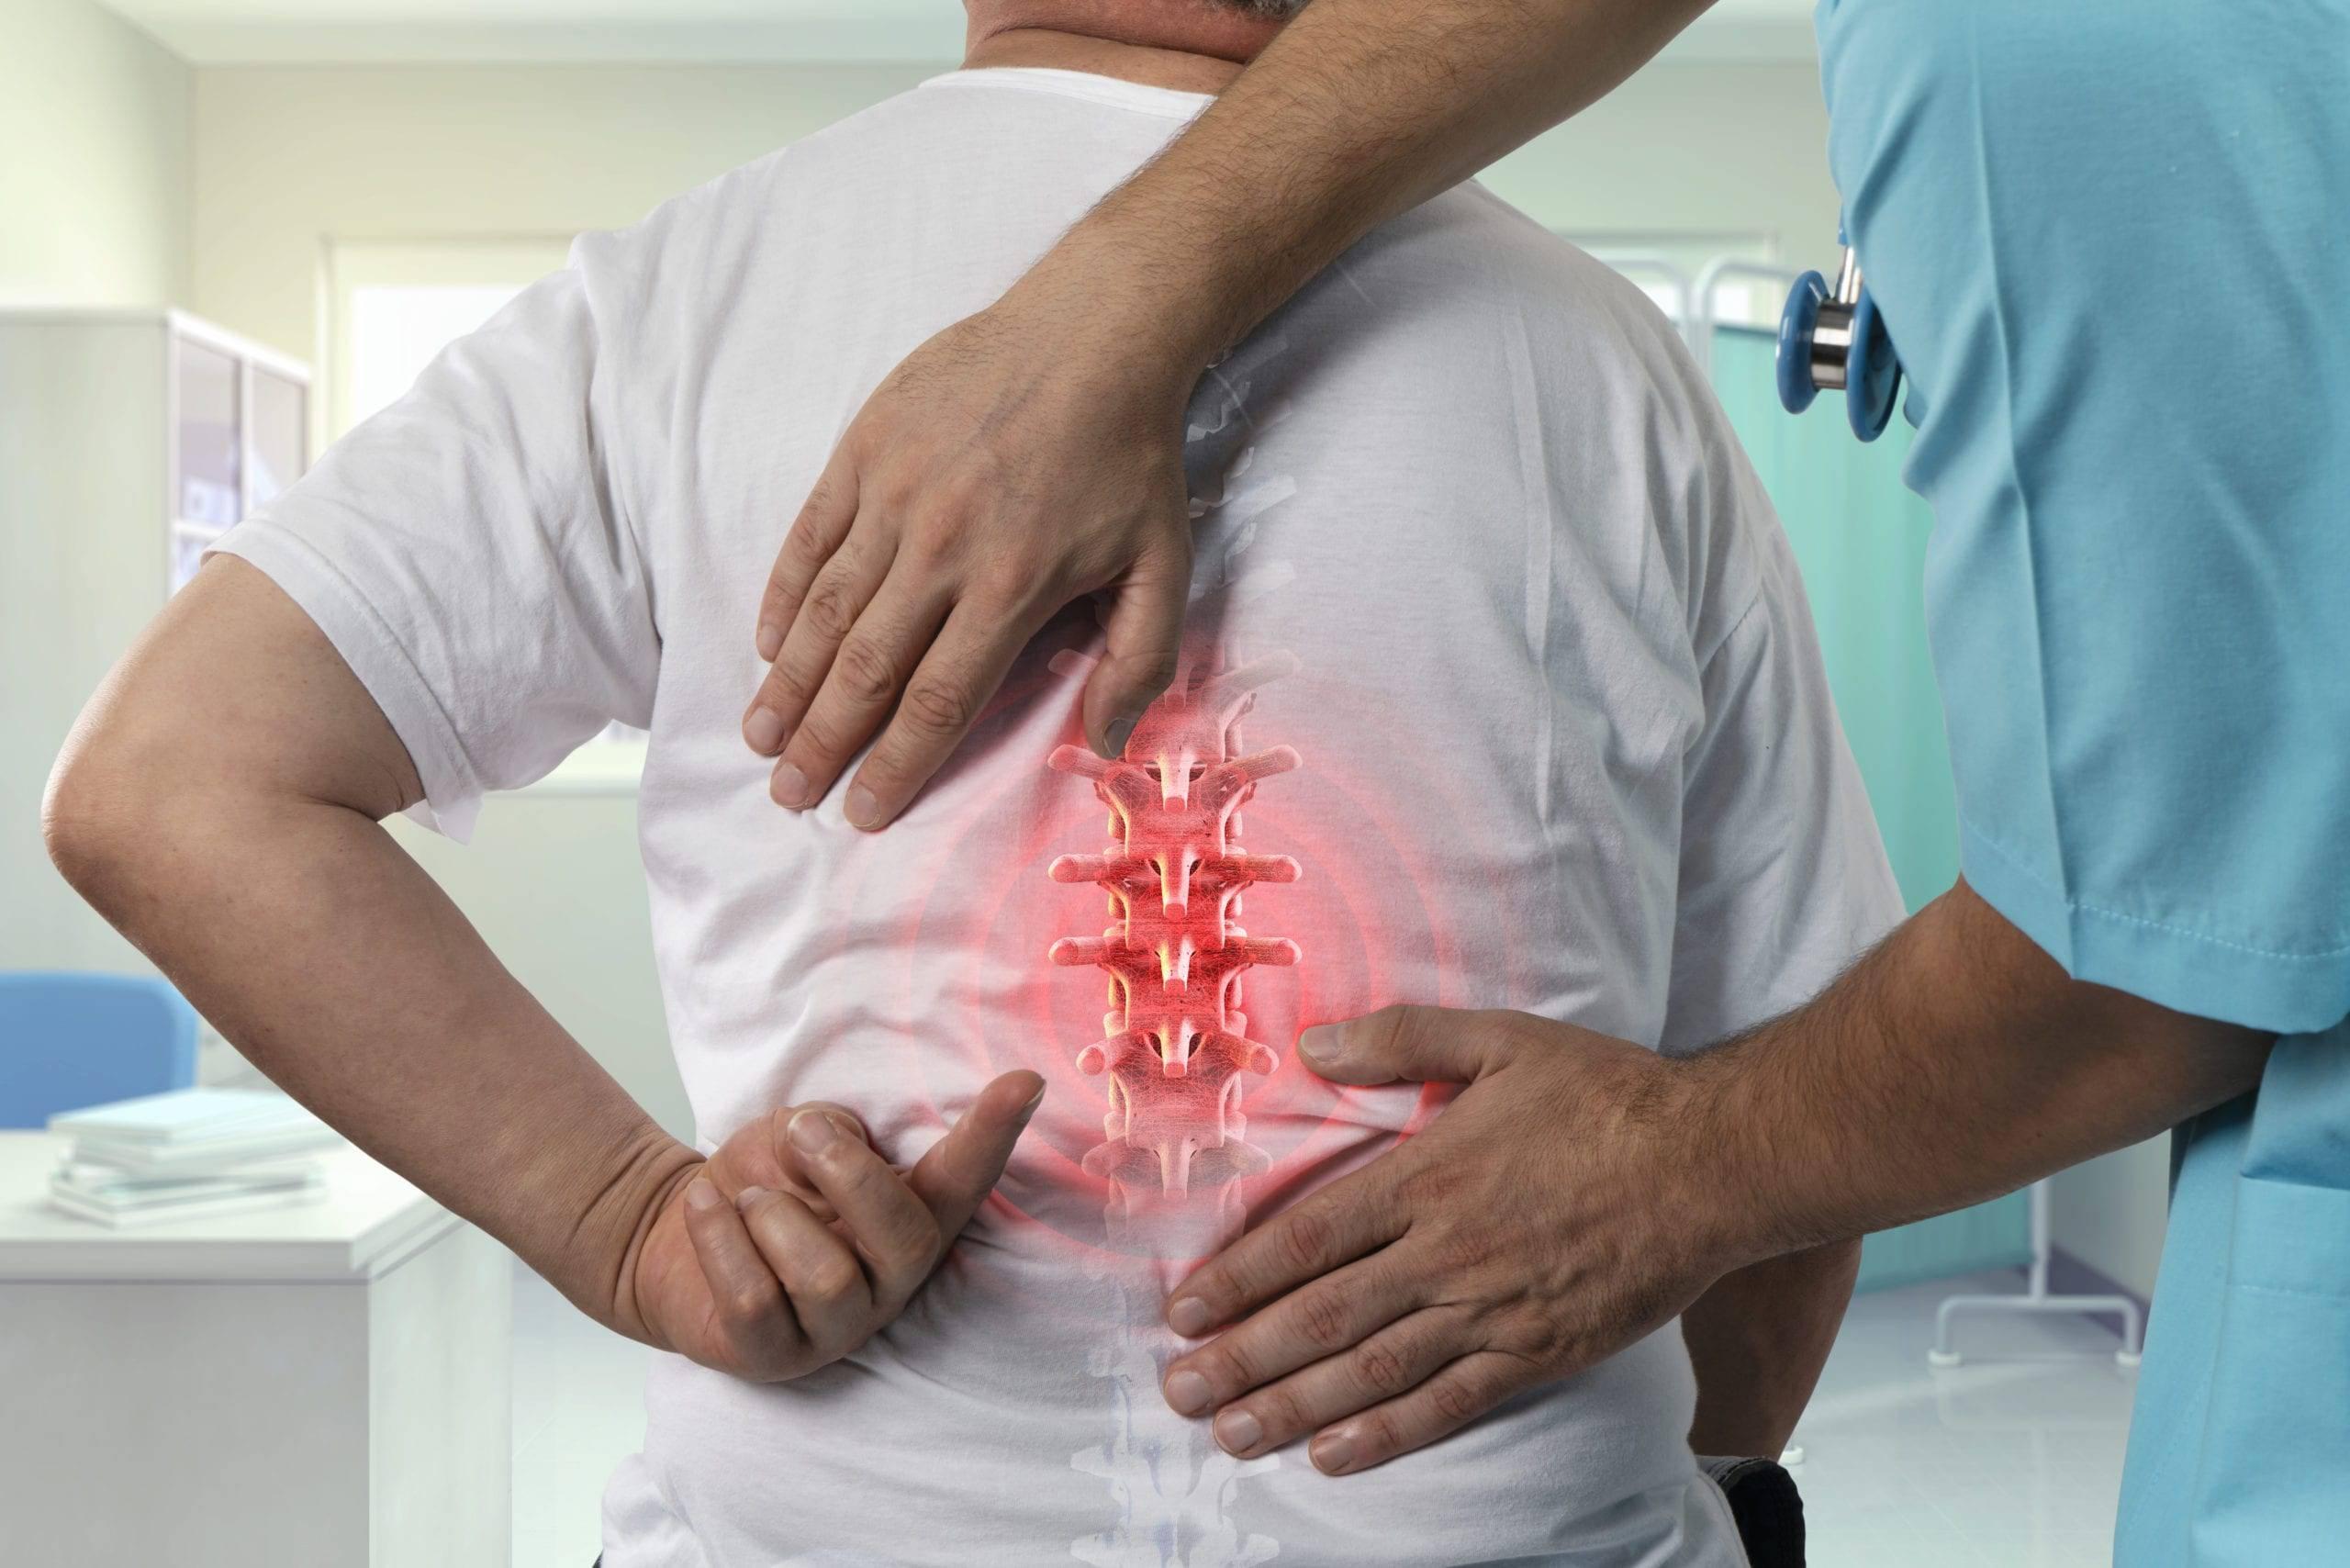 Признаки и симптомы заболевания почек. какие симптомы болезни почек должны насторожить женщину и заставить обратиться к врачу | здоровье человека